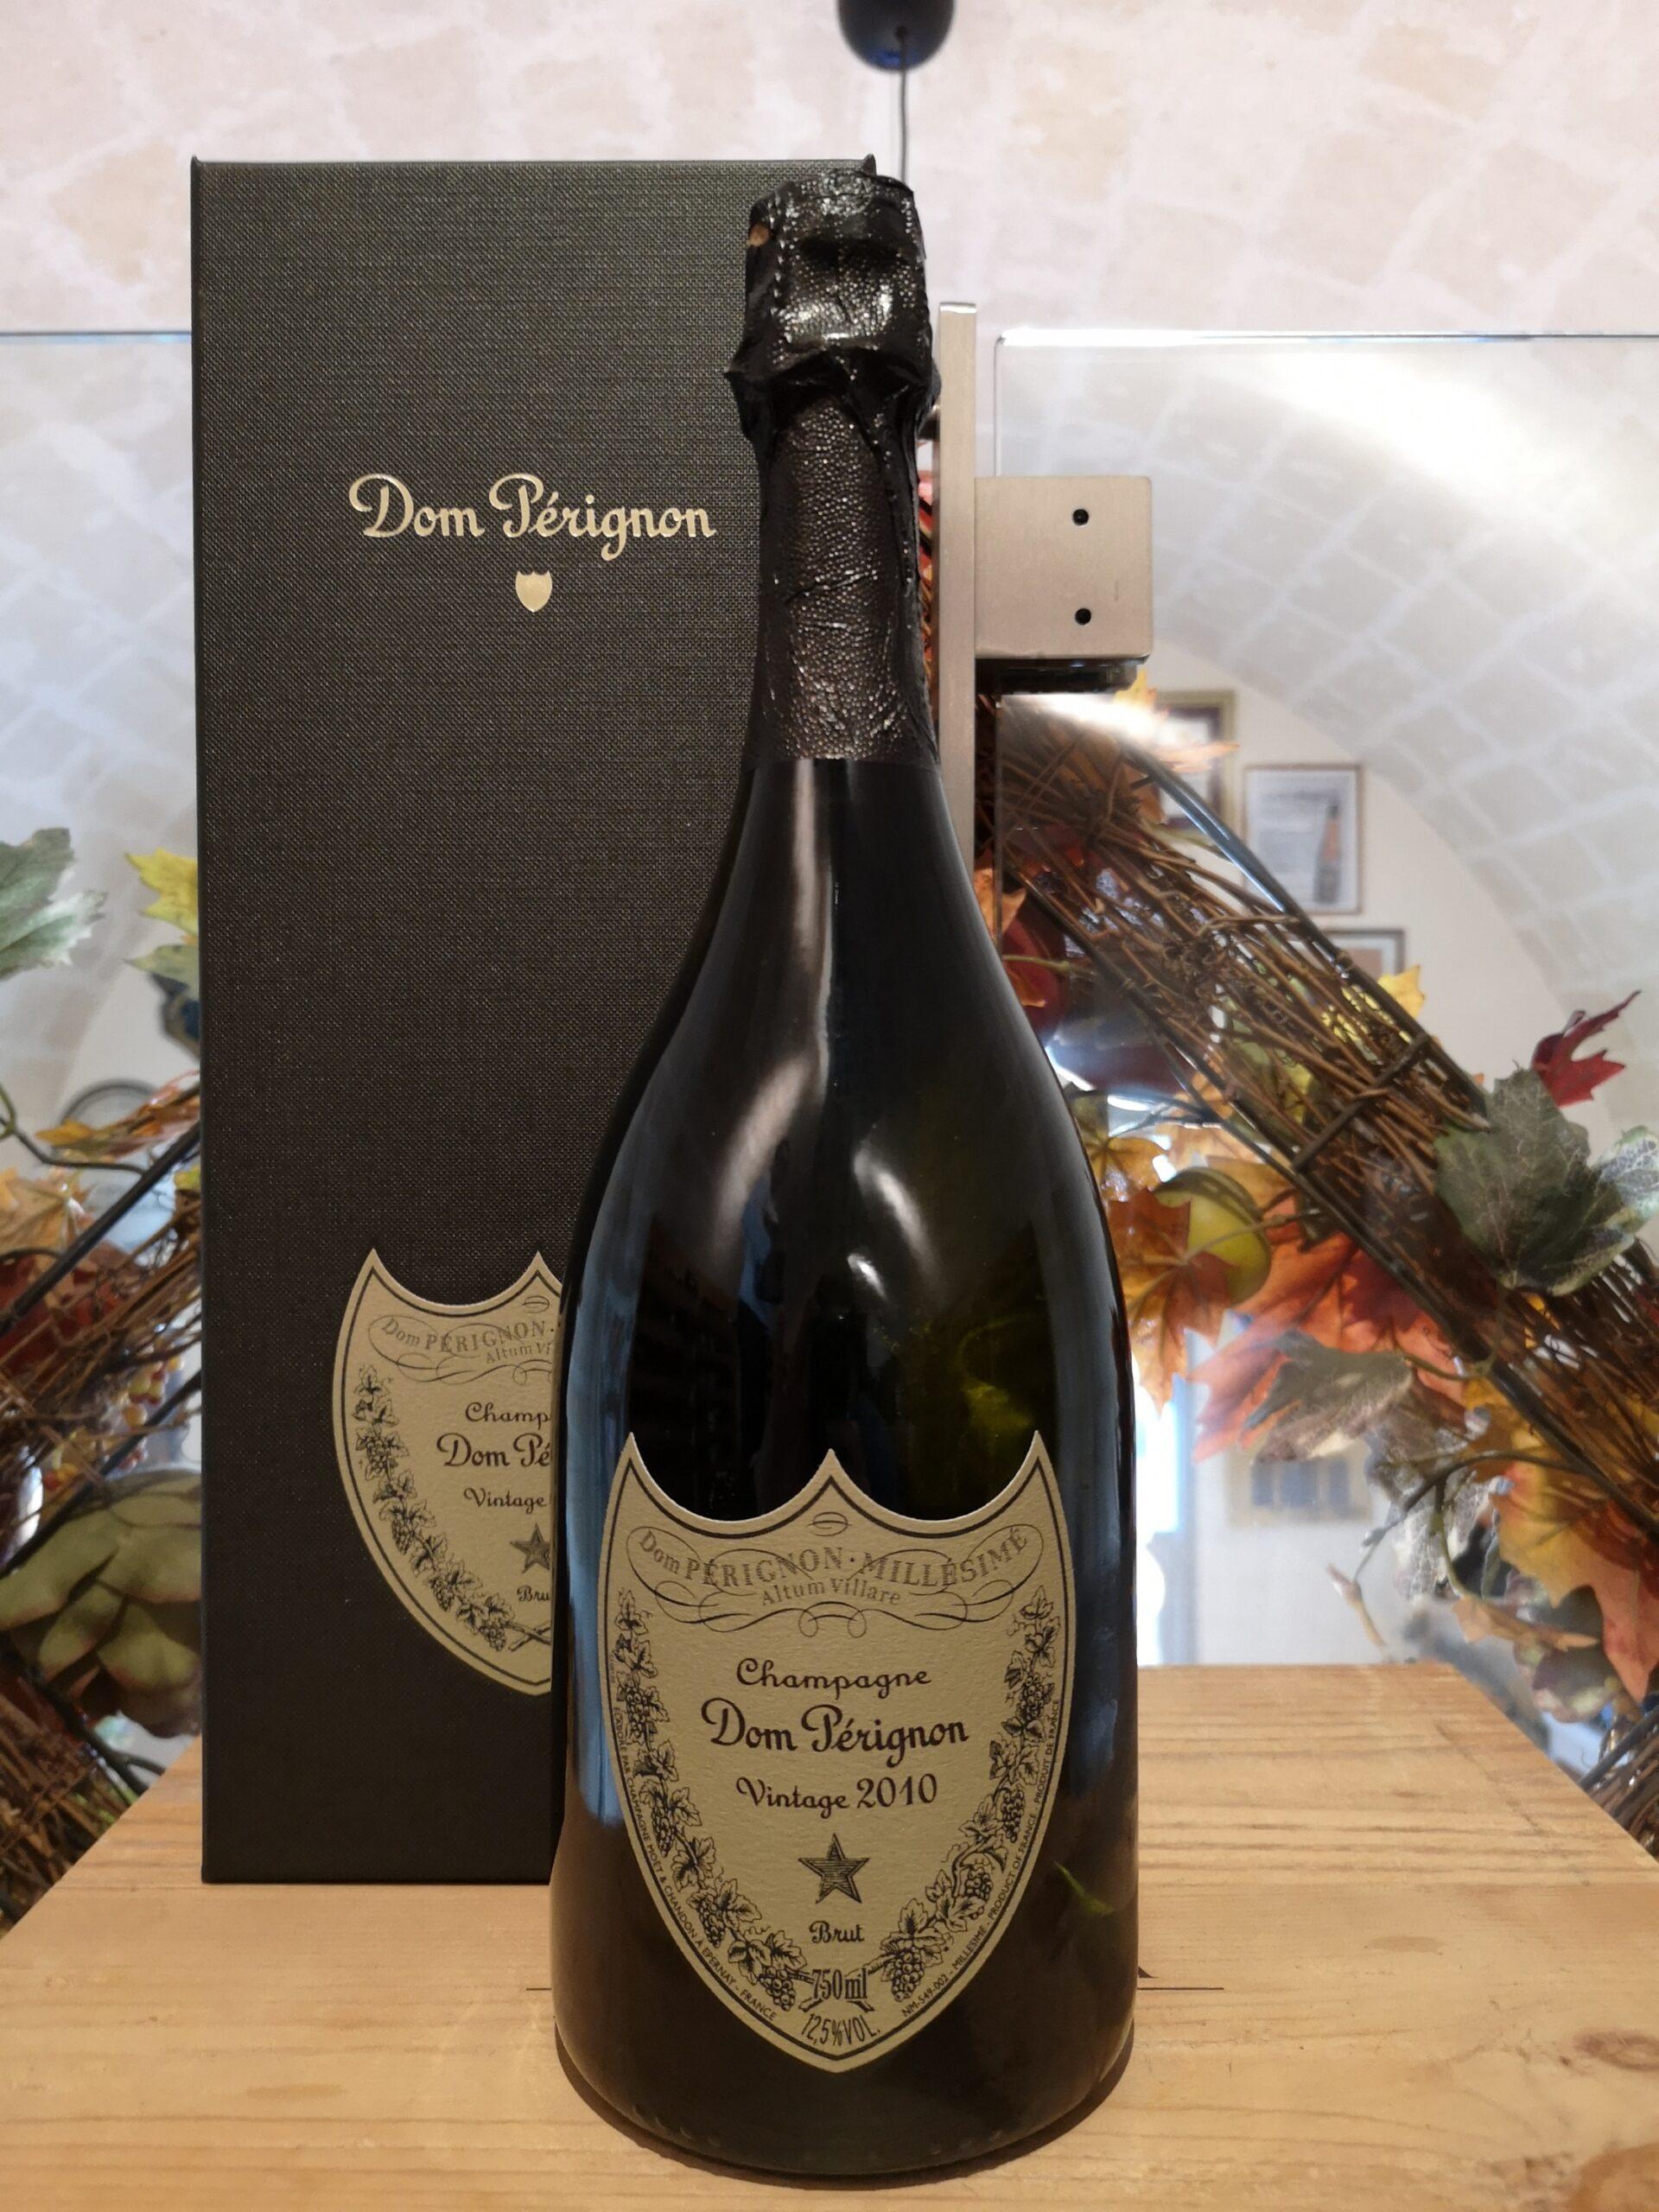 Dom Pérignon Champagne Brut 2010 (Cofanetto)